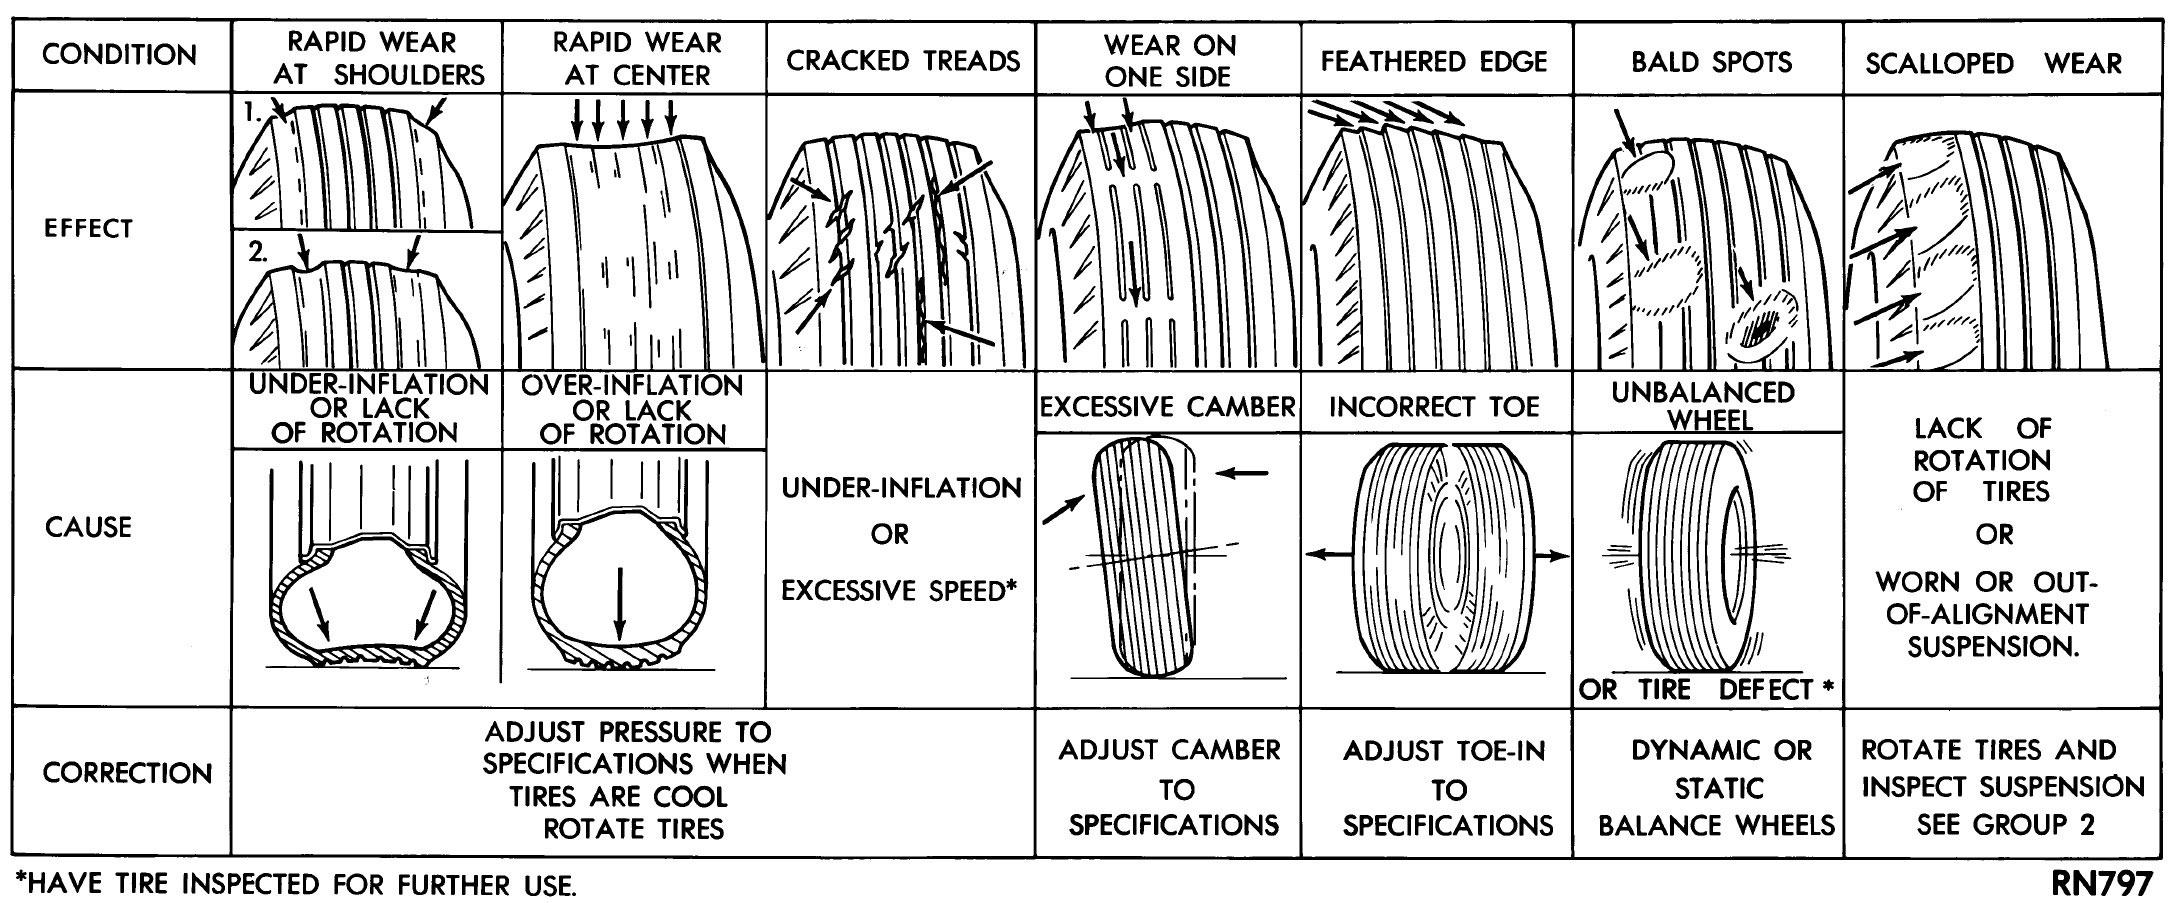 tire-wear